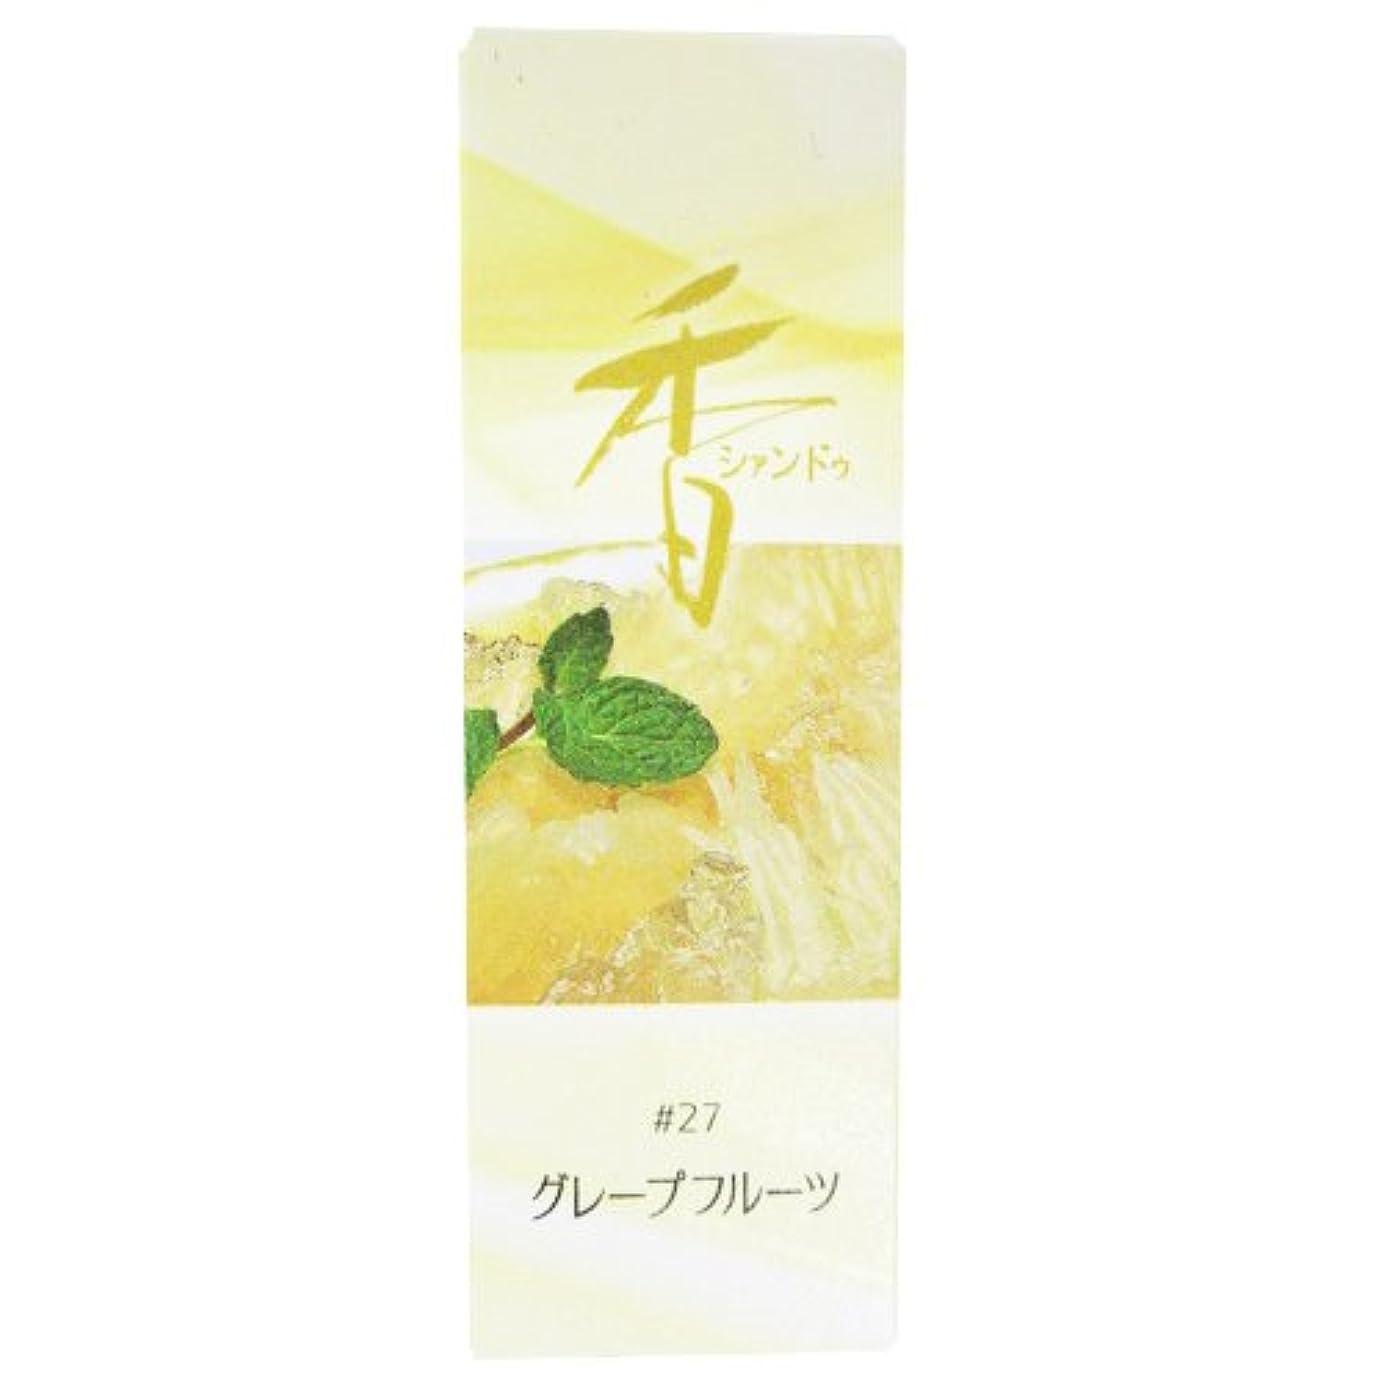 ワインオープナー絶えず松栄堂のお香 Xiang Do(シャンドゥ) グレープフルーツ ST20本入 簡易香立付 #214227